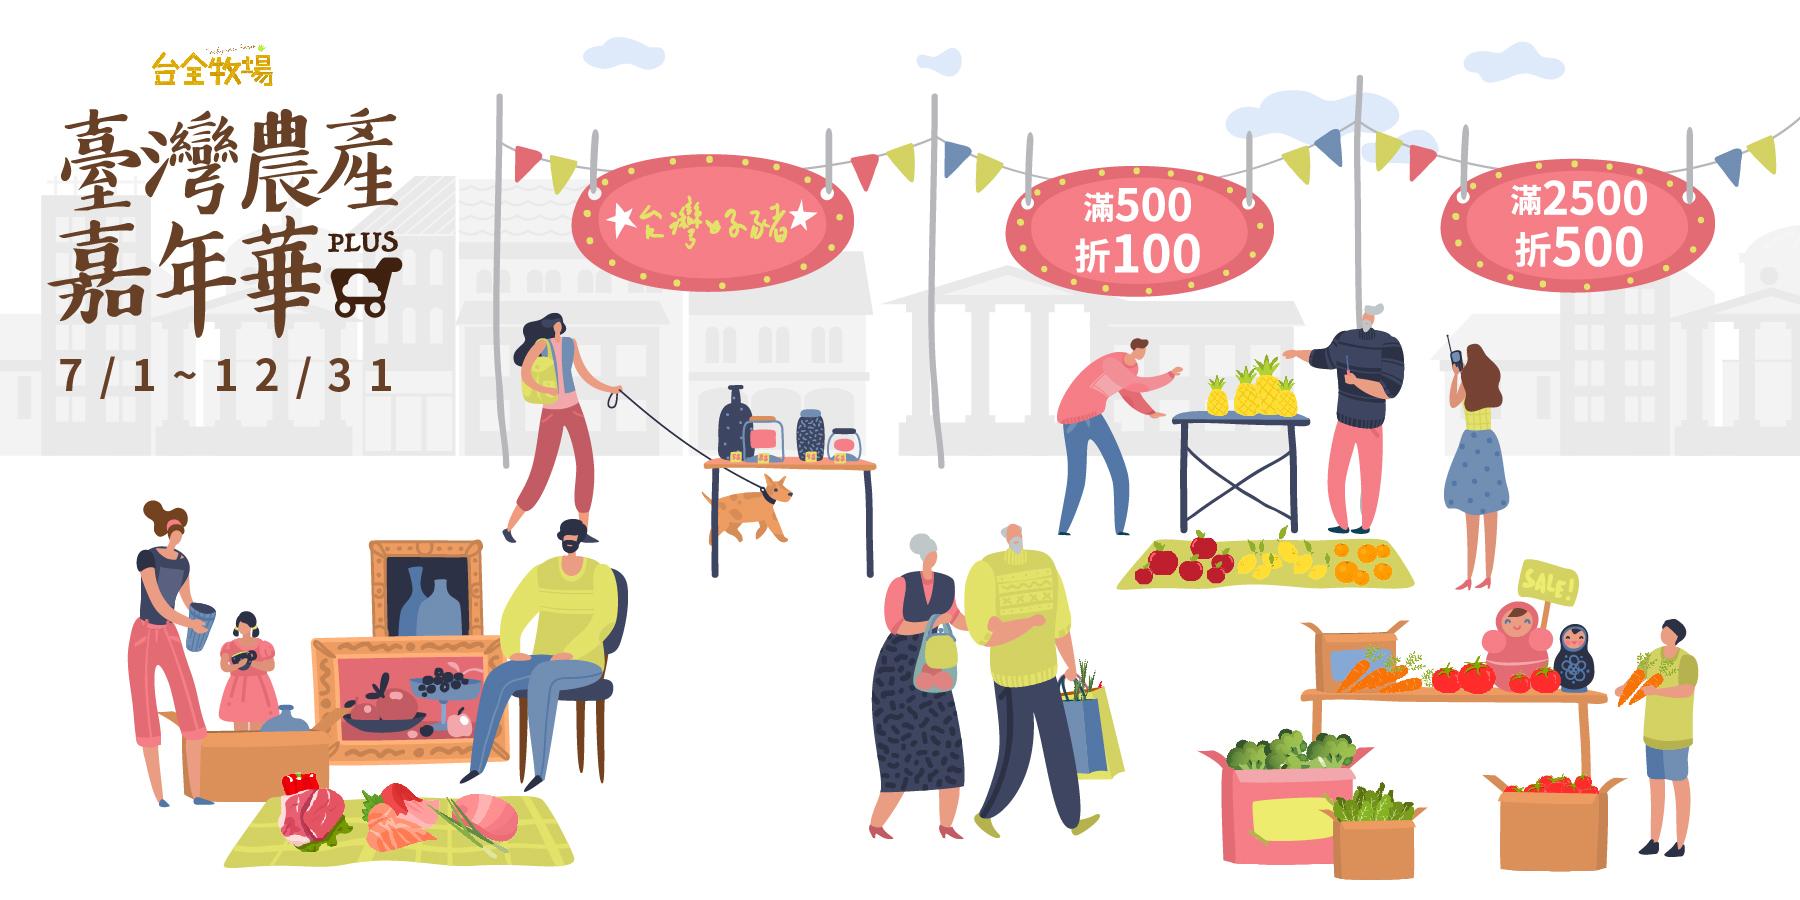 台全牧場台灣農產嘉年華,滿500現折100,滿2500再折400